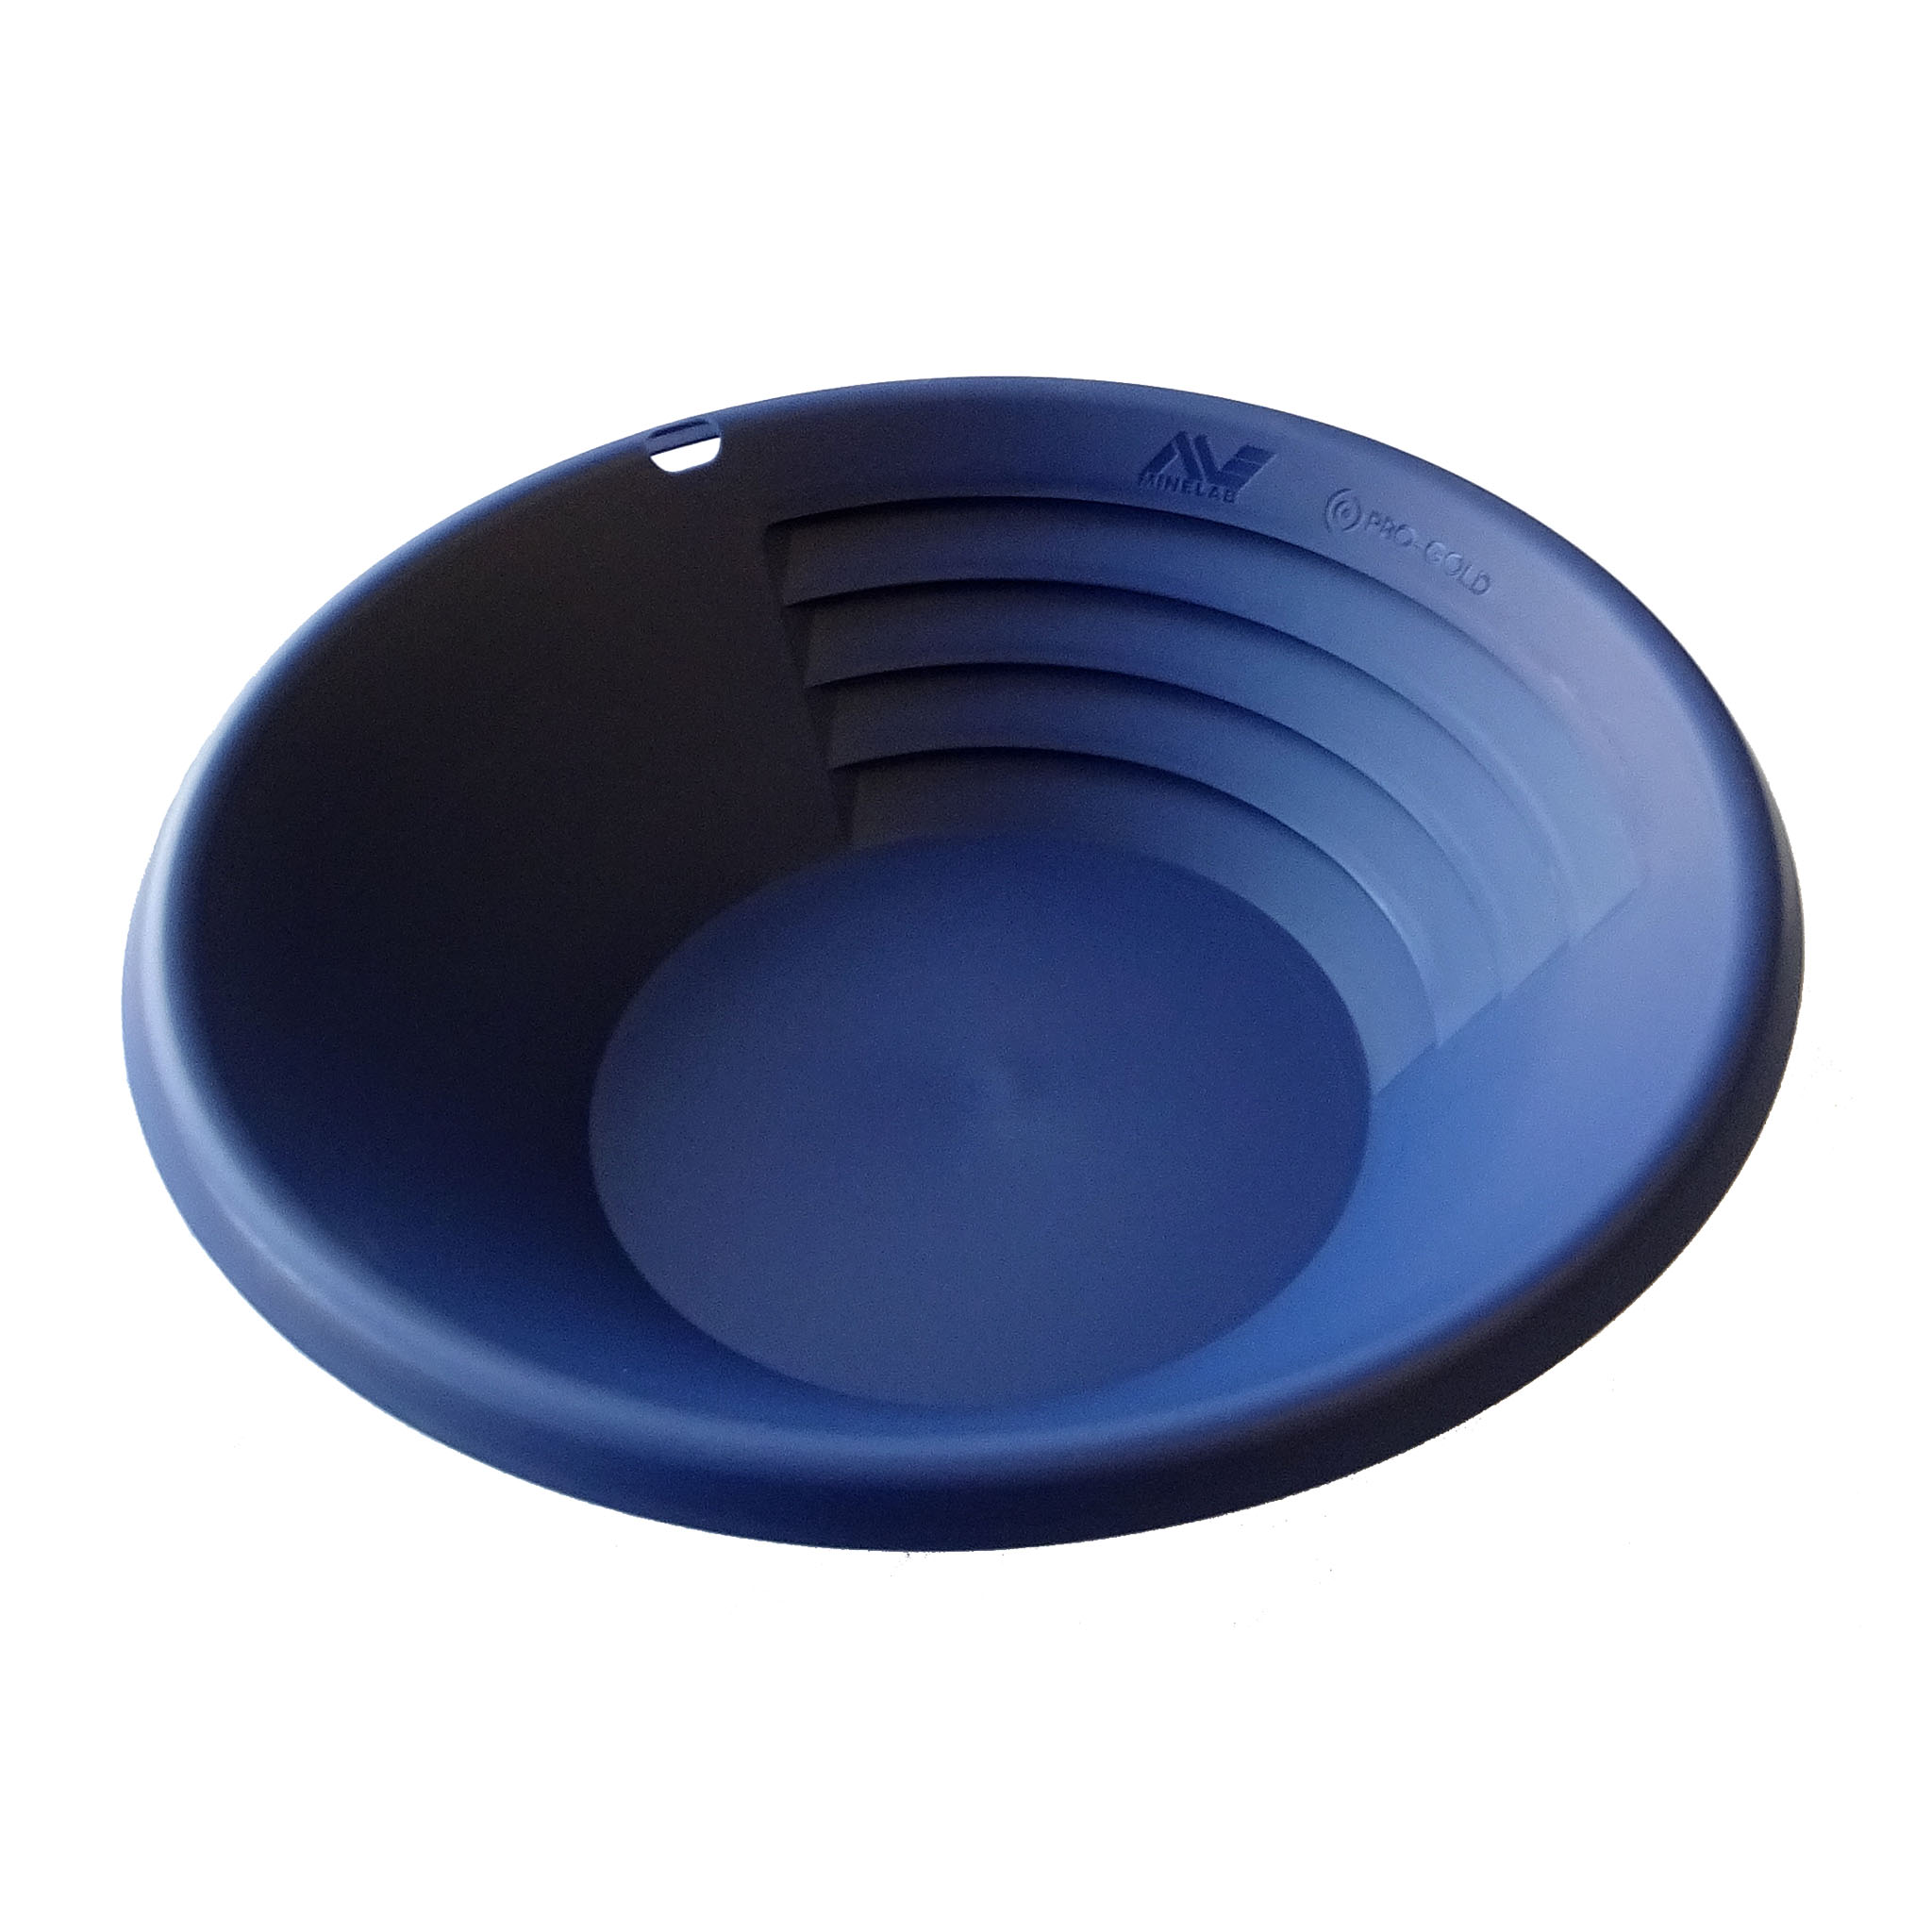 10 inch Dual Riffled Pan